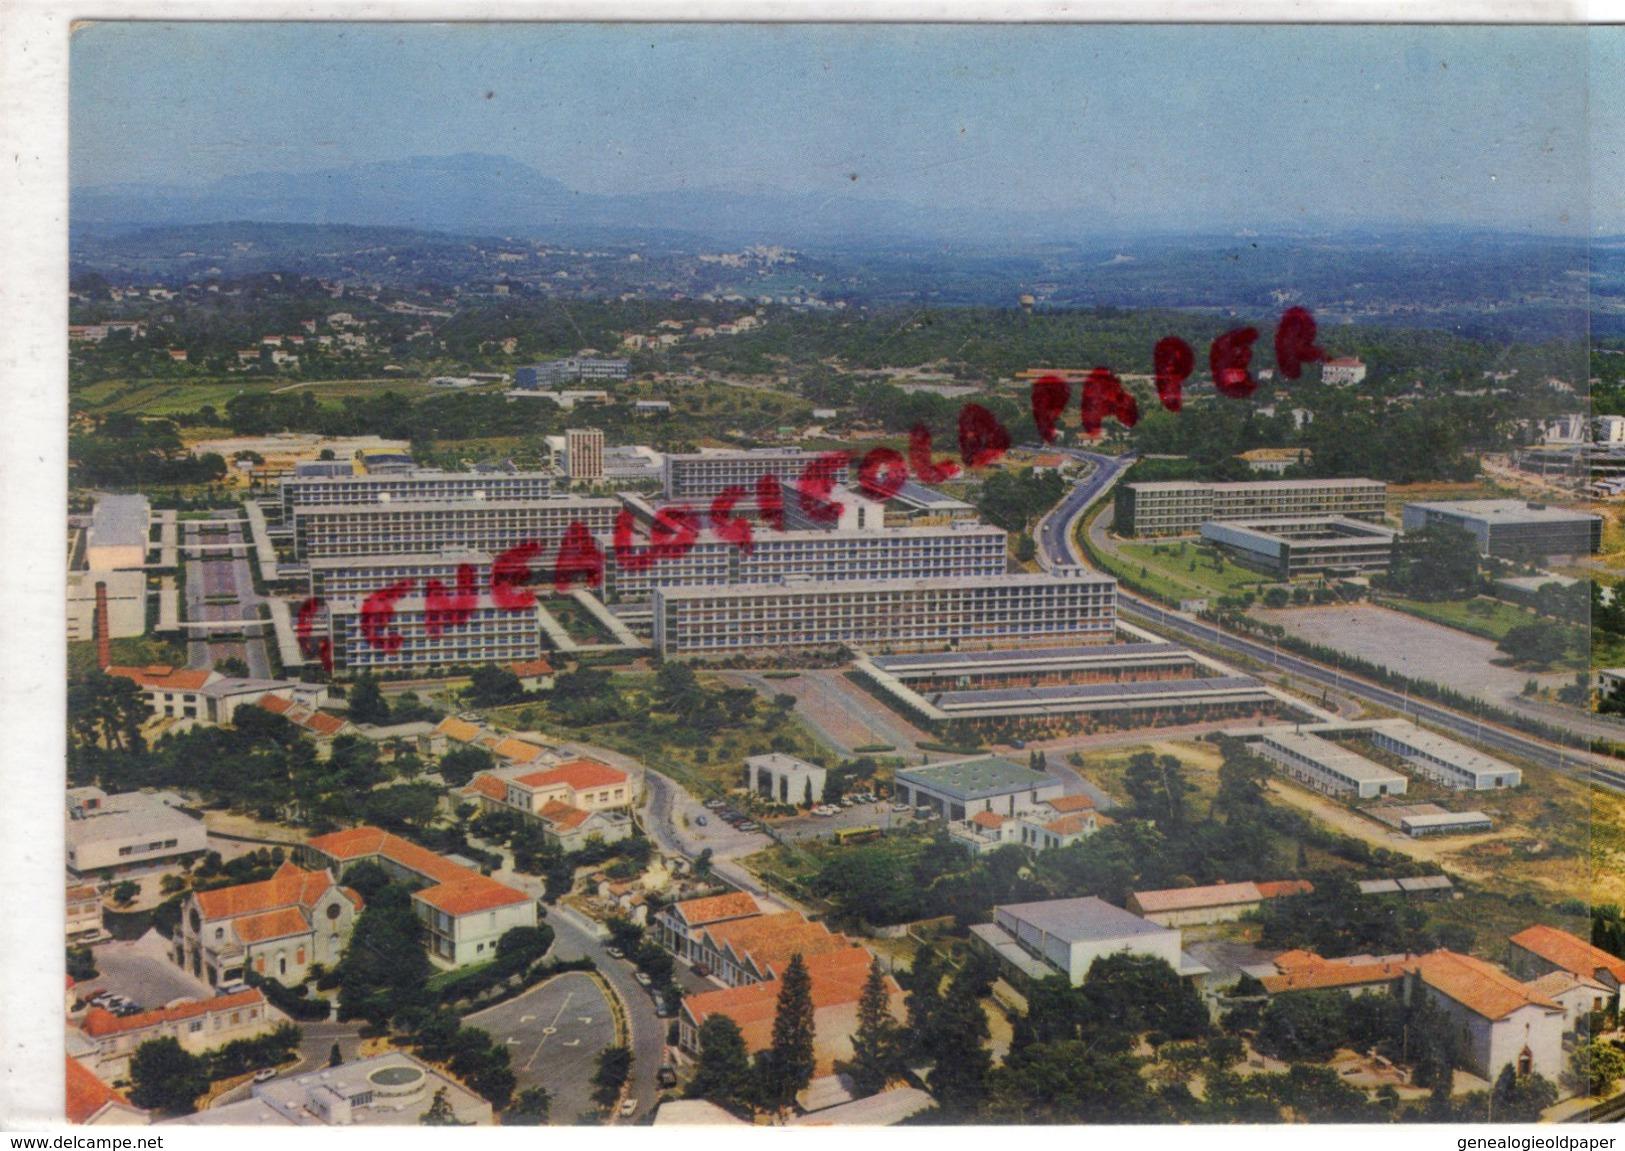 34 - MONTPELLIER - LES NOUVELLES FACULTES - A GAUCHE LES SCIENCES A DROITE LES LETTRES - Montpellier